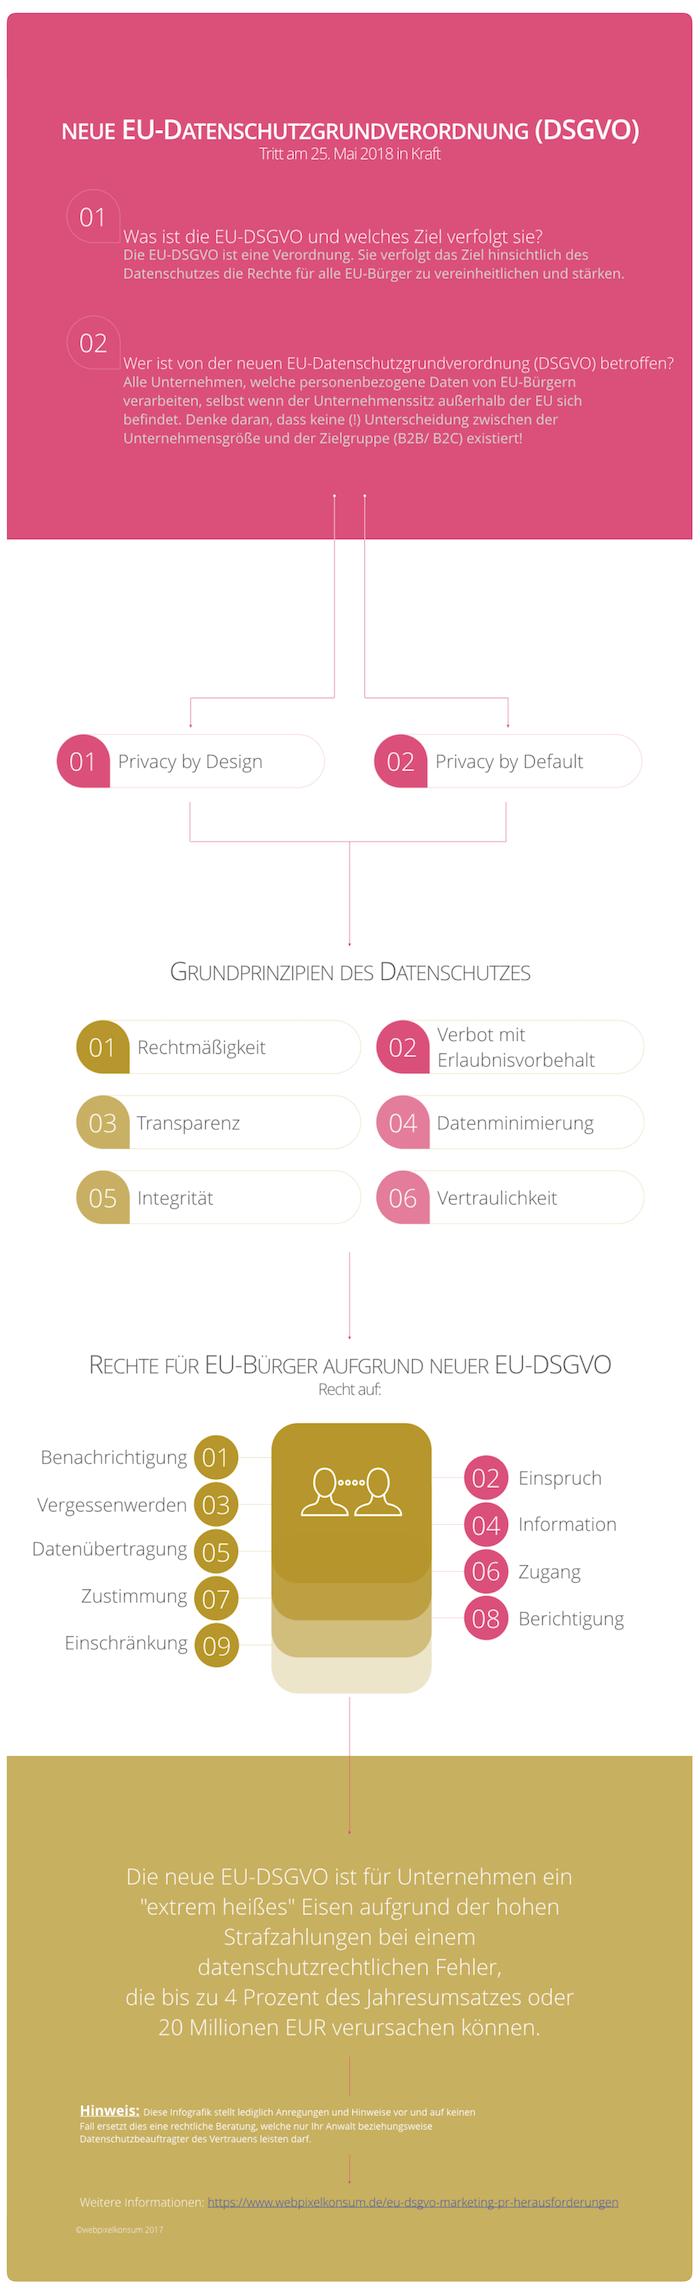 Infografik: Neue EU-Datenschutzgrundverordnung (DSGVO) von webpixelkonsum